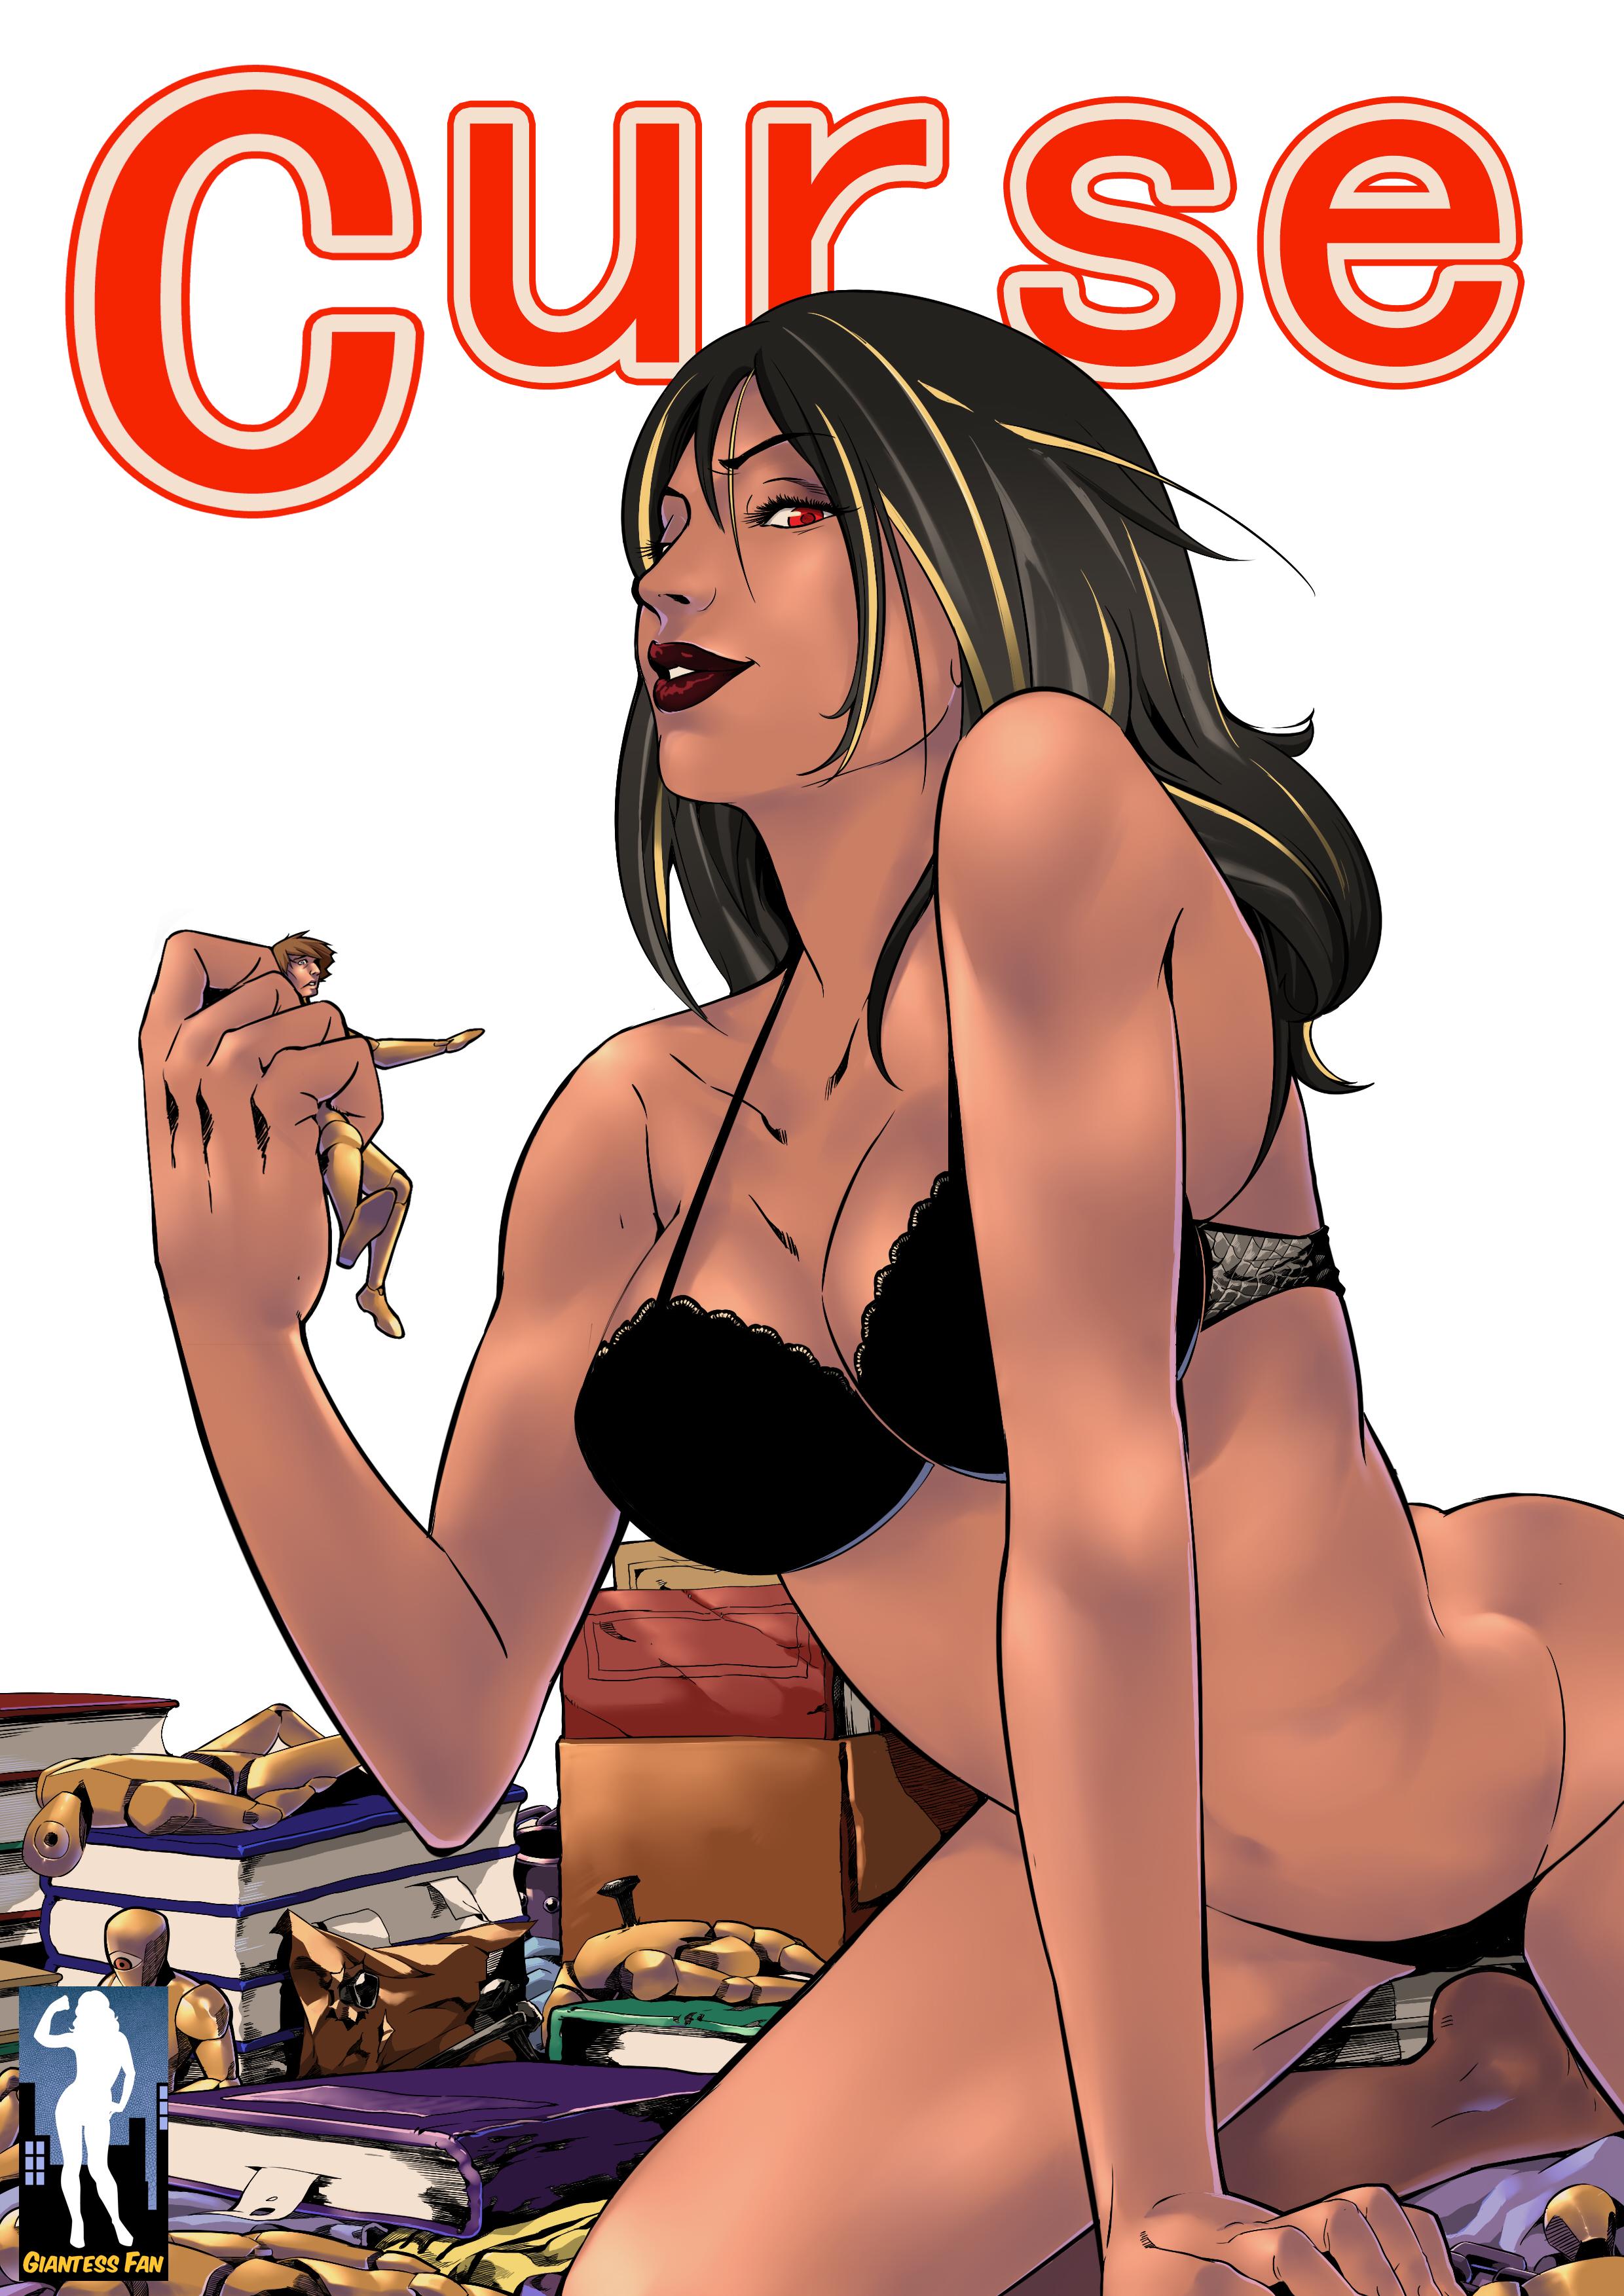 Fantasy giantess sex porn image